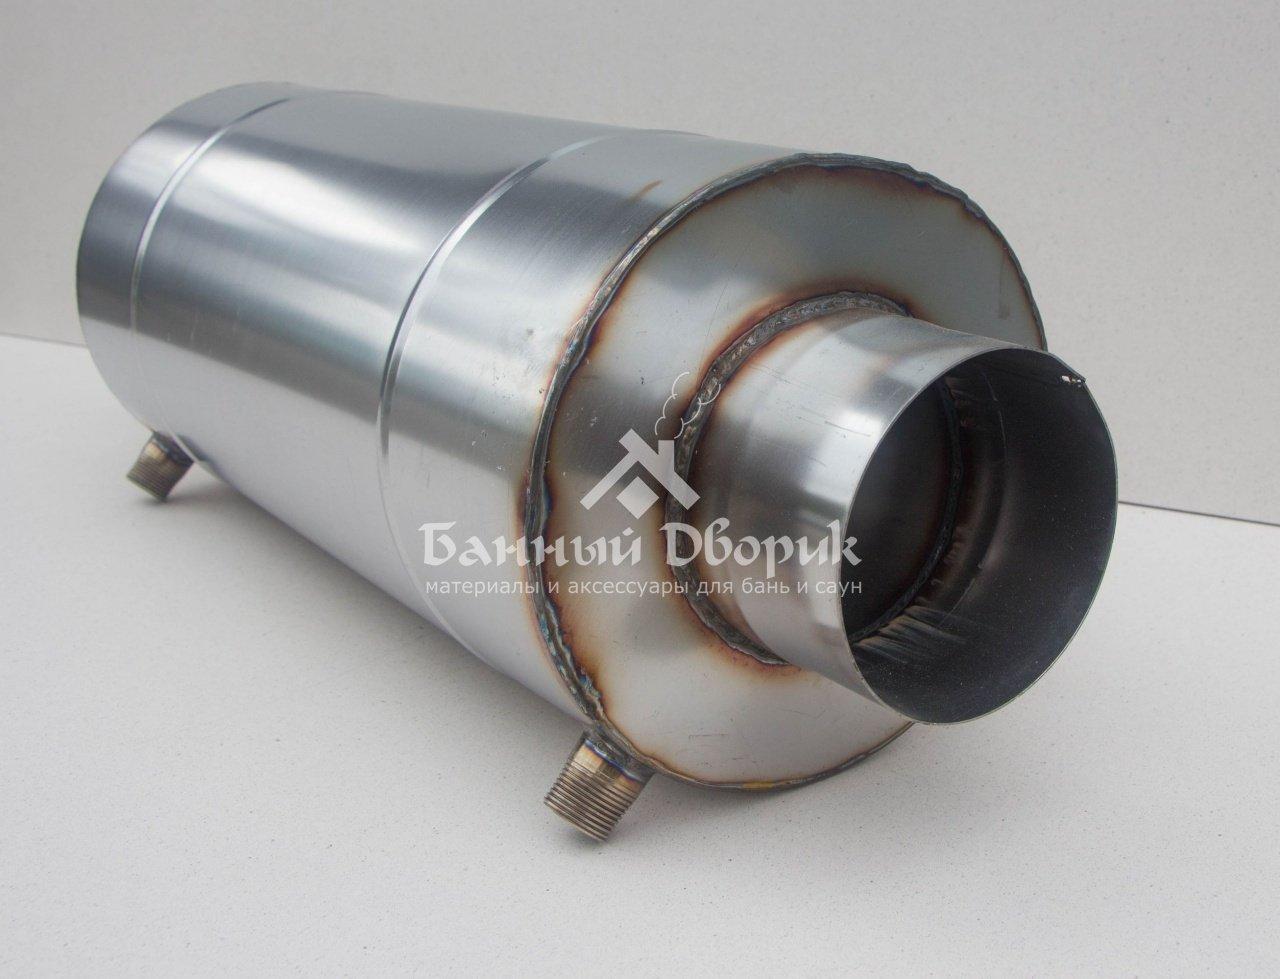 Теплообменник на дымоход 200 мм эффективность установки пластинчатого теплообменника